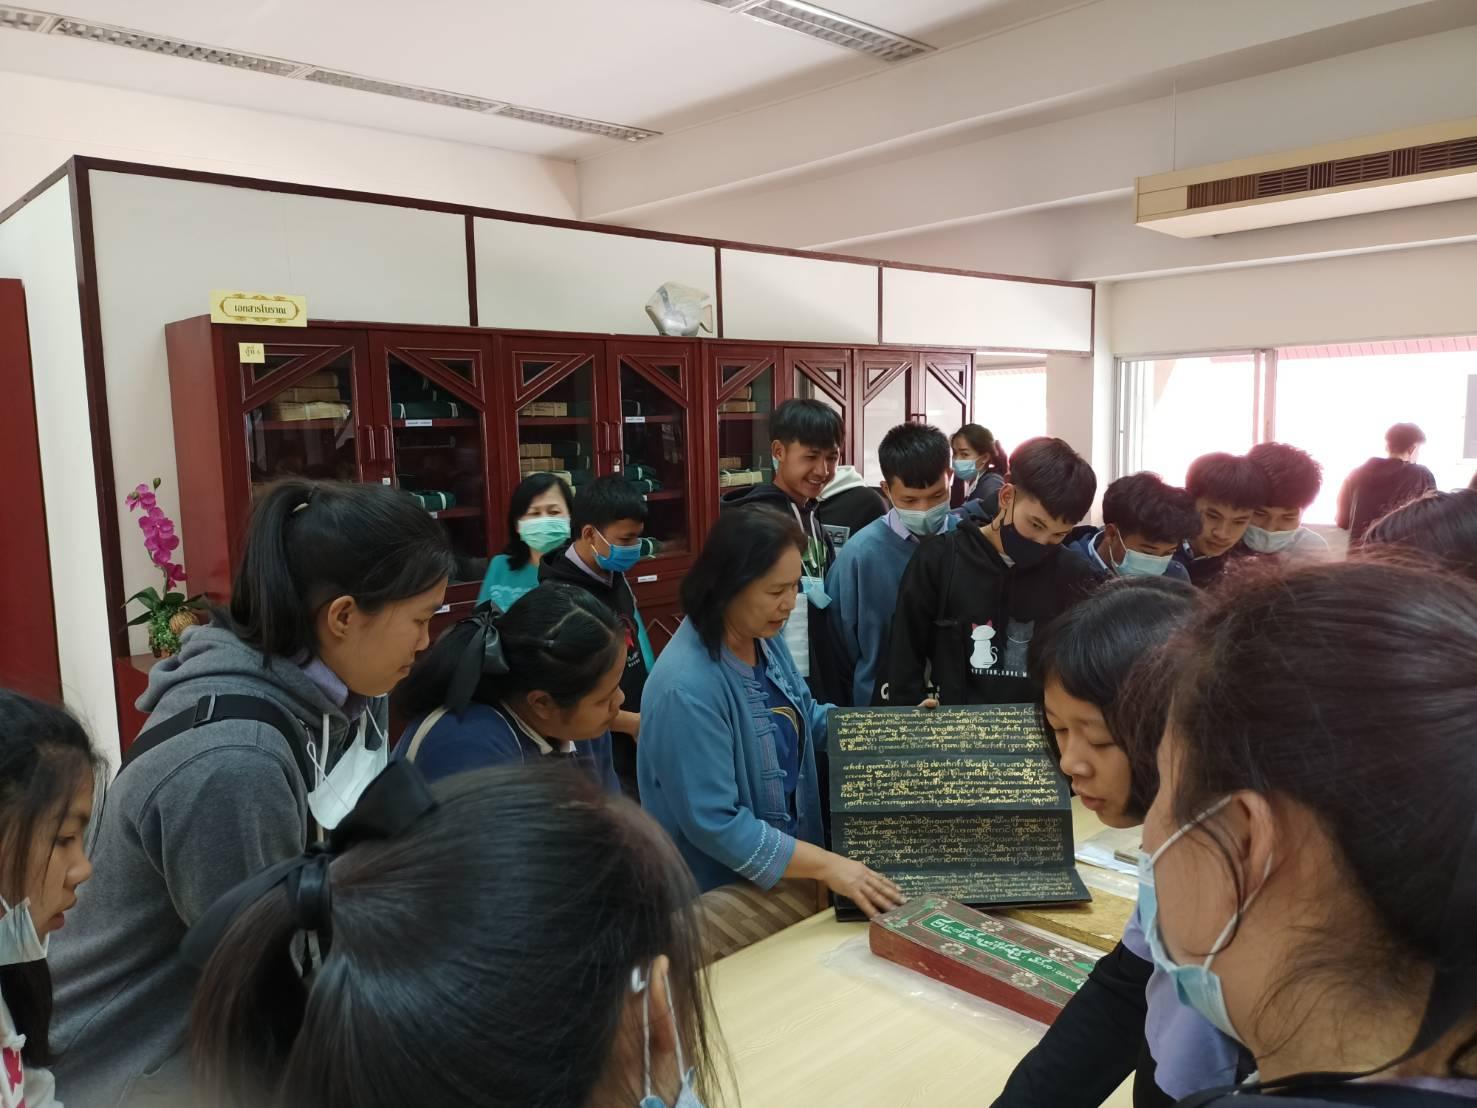 เครือข่ายกิจกรรมส่งเสริมการอ่านและหอสมุดแห่งชาติรัชมังคลาภิเษก เชียงใหม่ จัดกิจกรรม Workshop งานสานชะลอม